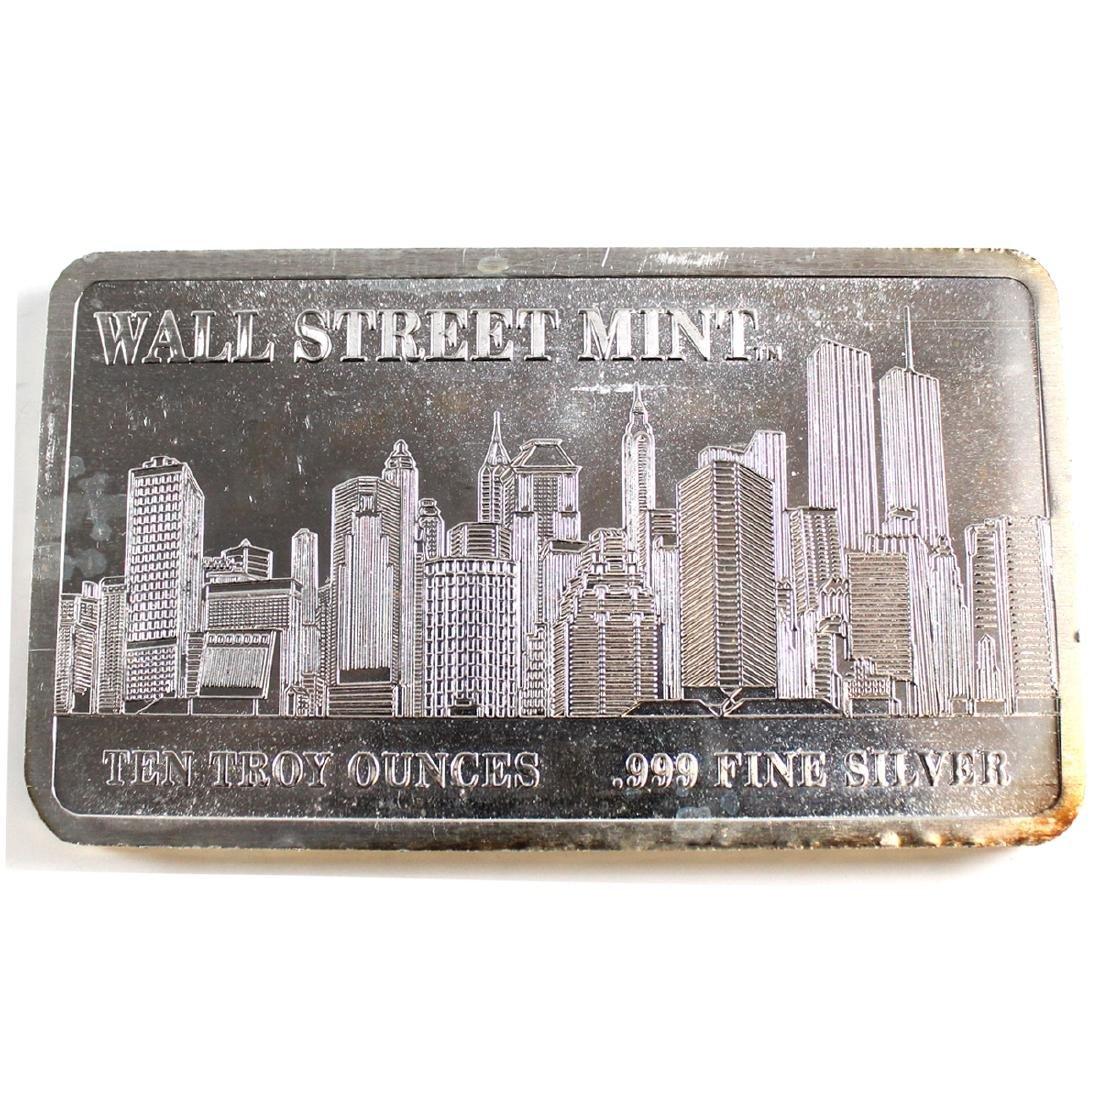 Wall Street Mint 10oz Fine Silver Bar with NYC Skyline